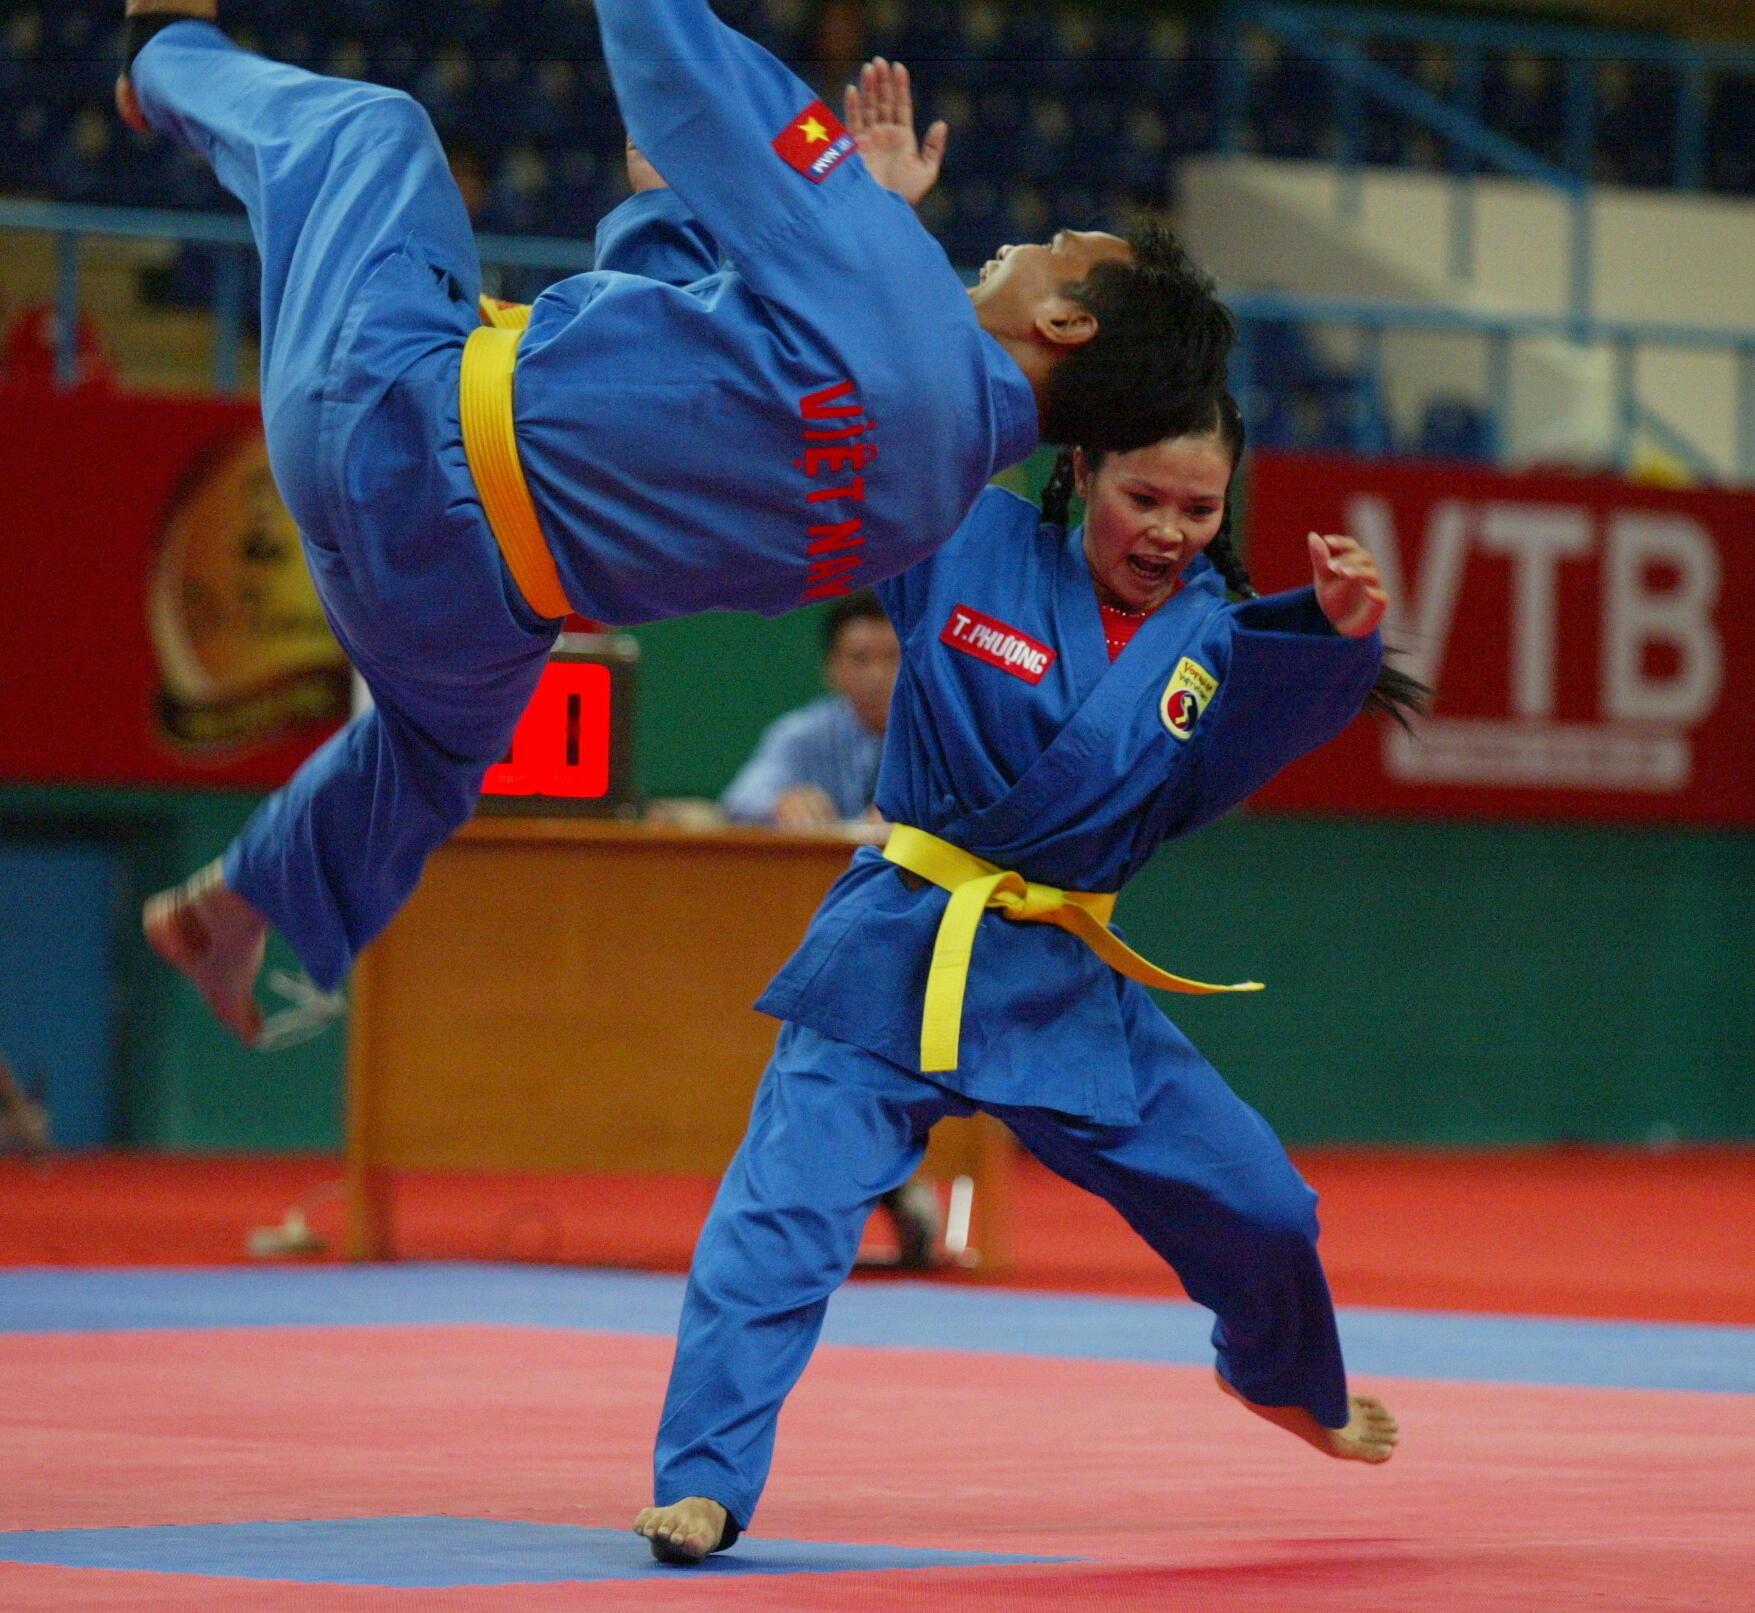 Biểu diễn Vovinam, một trong những môn phái võ của người Việt sáng tạo, tại đại hội võ thuật quốc tế ở thành phố Hồ Chí Minh 2013.